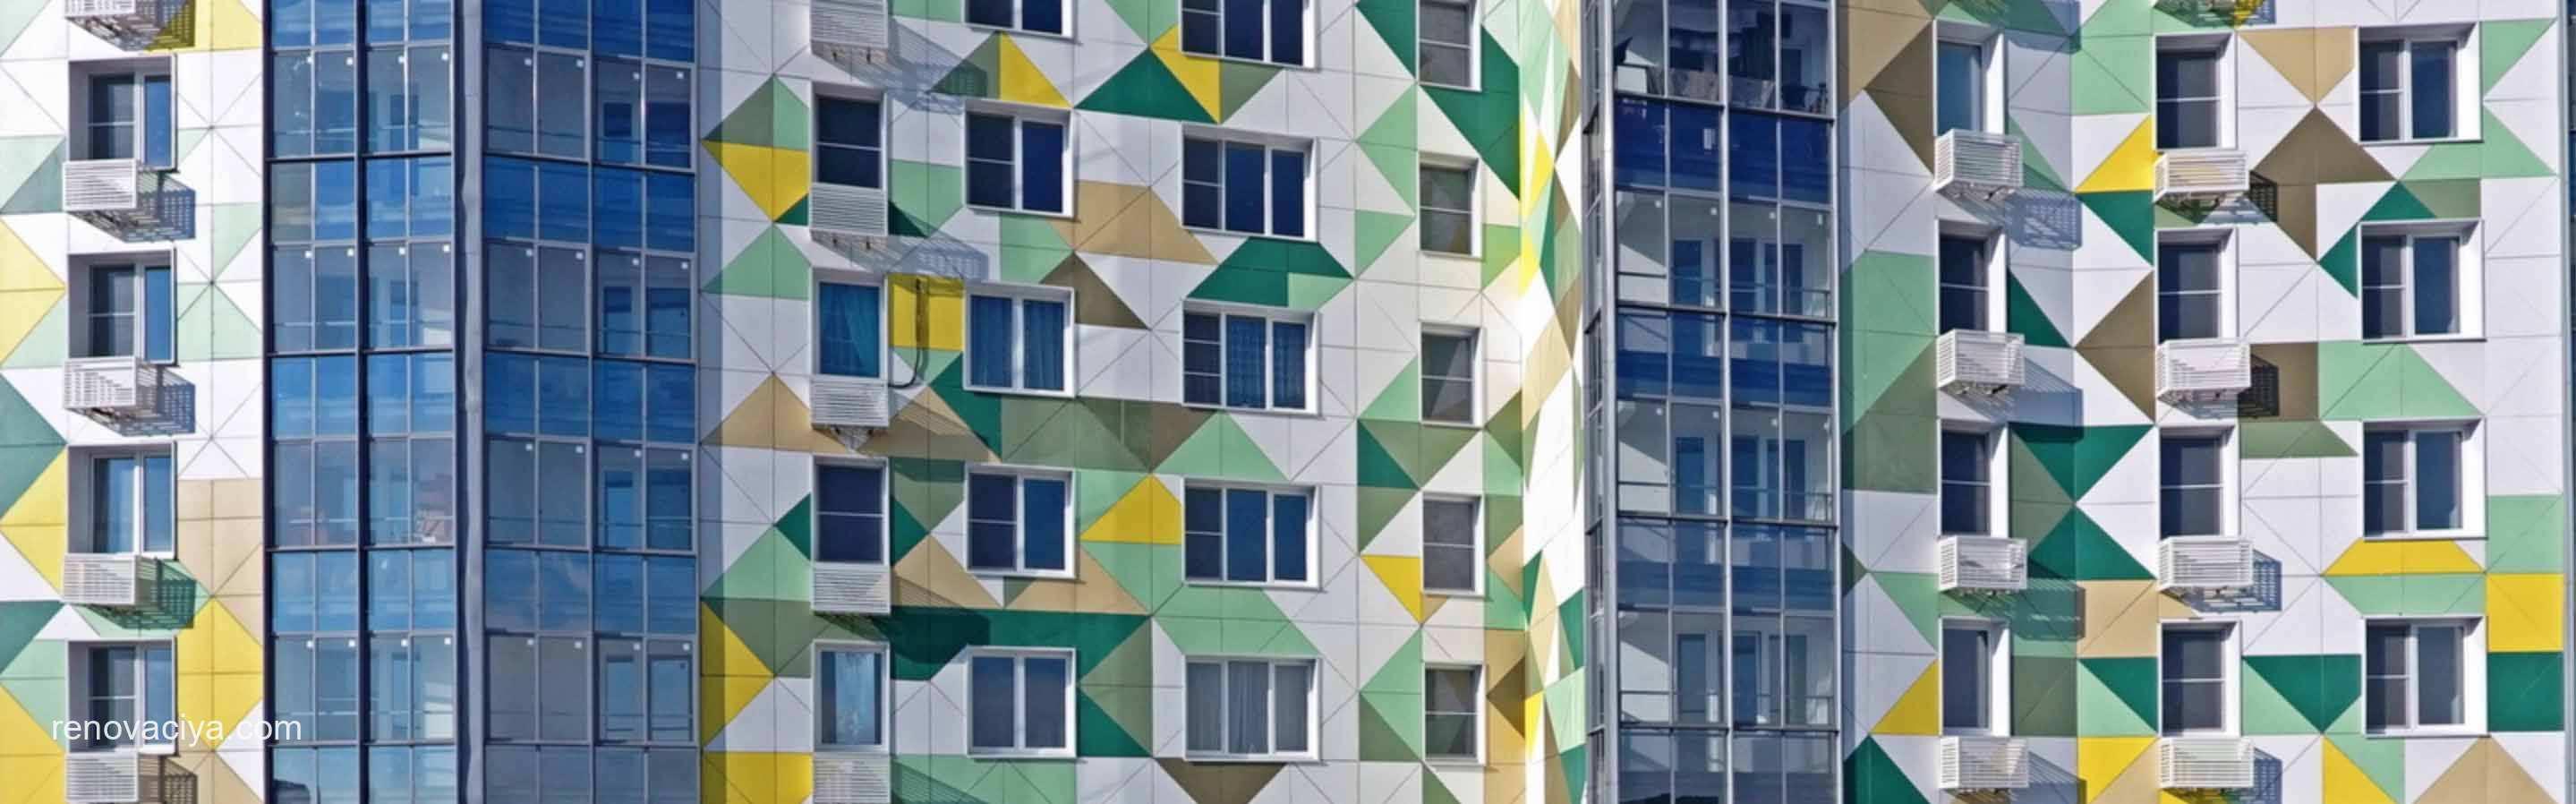 Реновация жилья обеспечит развитие города